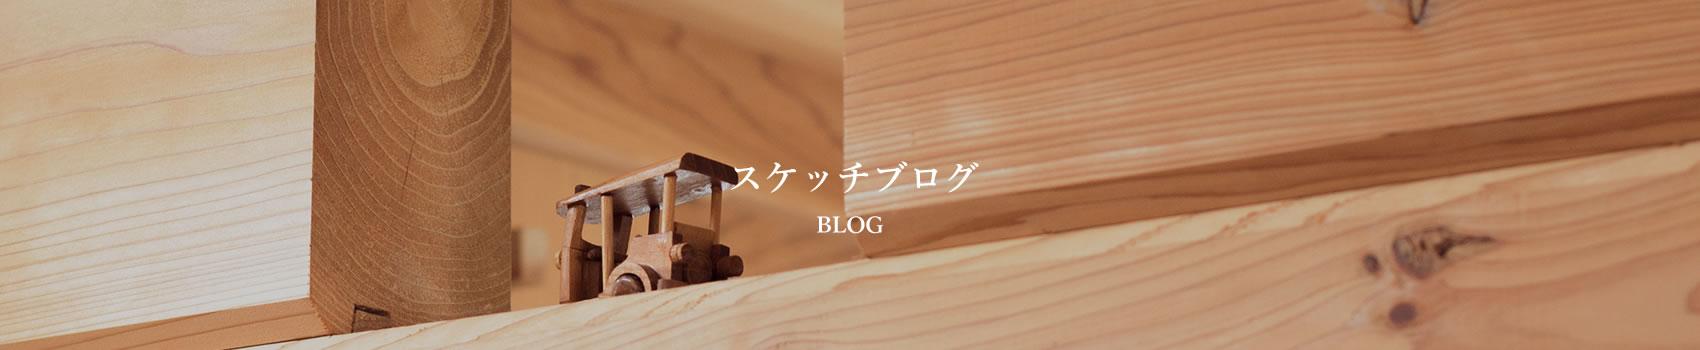 スケッチブログ